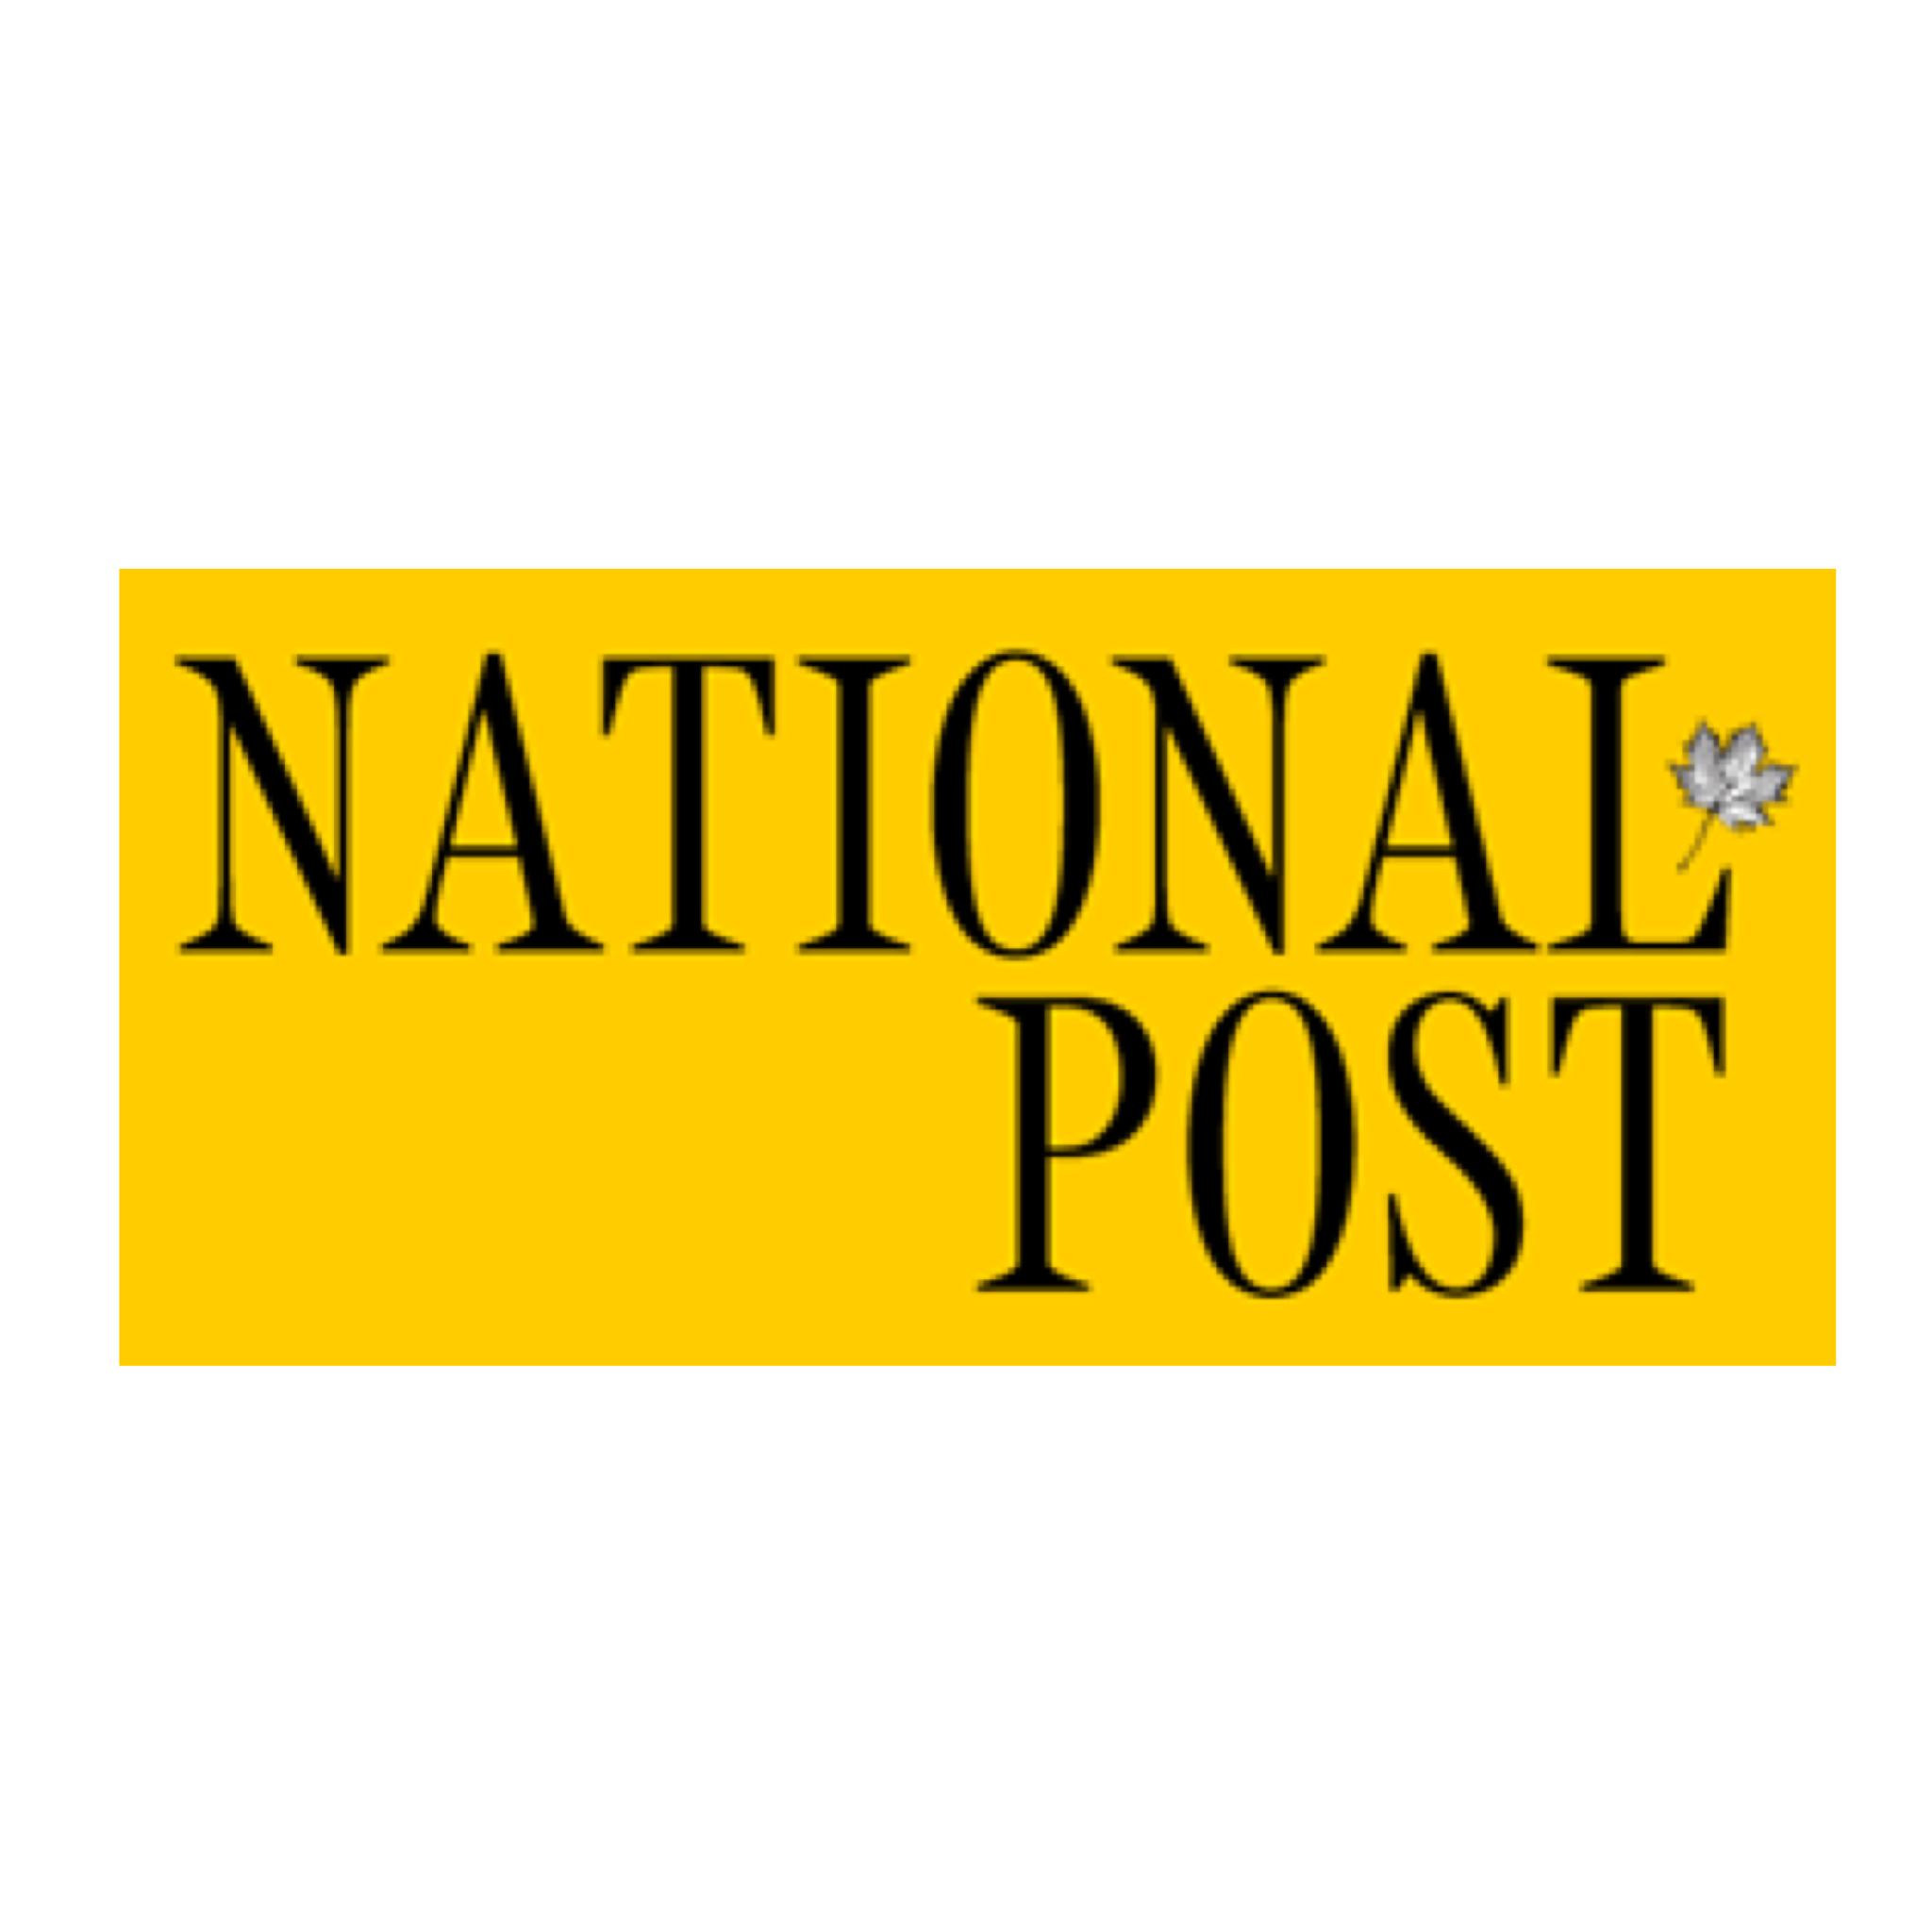 BUSINESS WIRE NEWS:  http://www.nationalpost.com/news/business-wire/view.html?releaseId=20181102005323&releaseLang=en